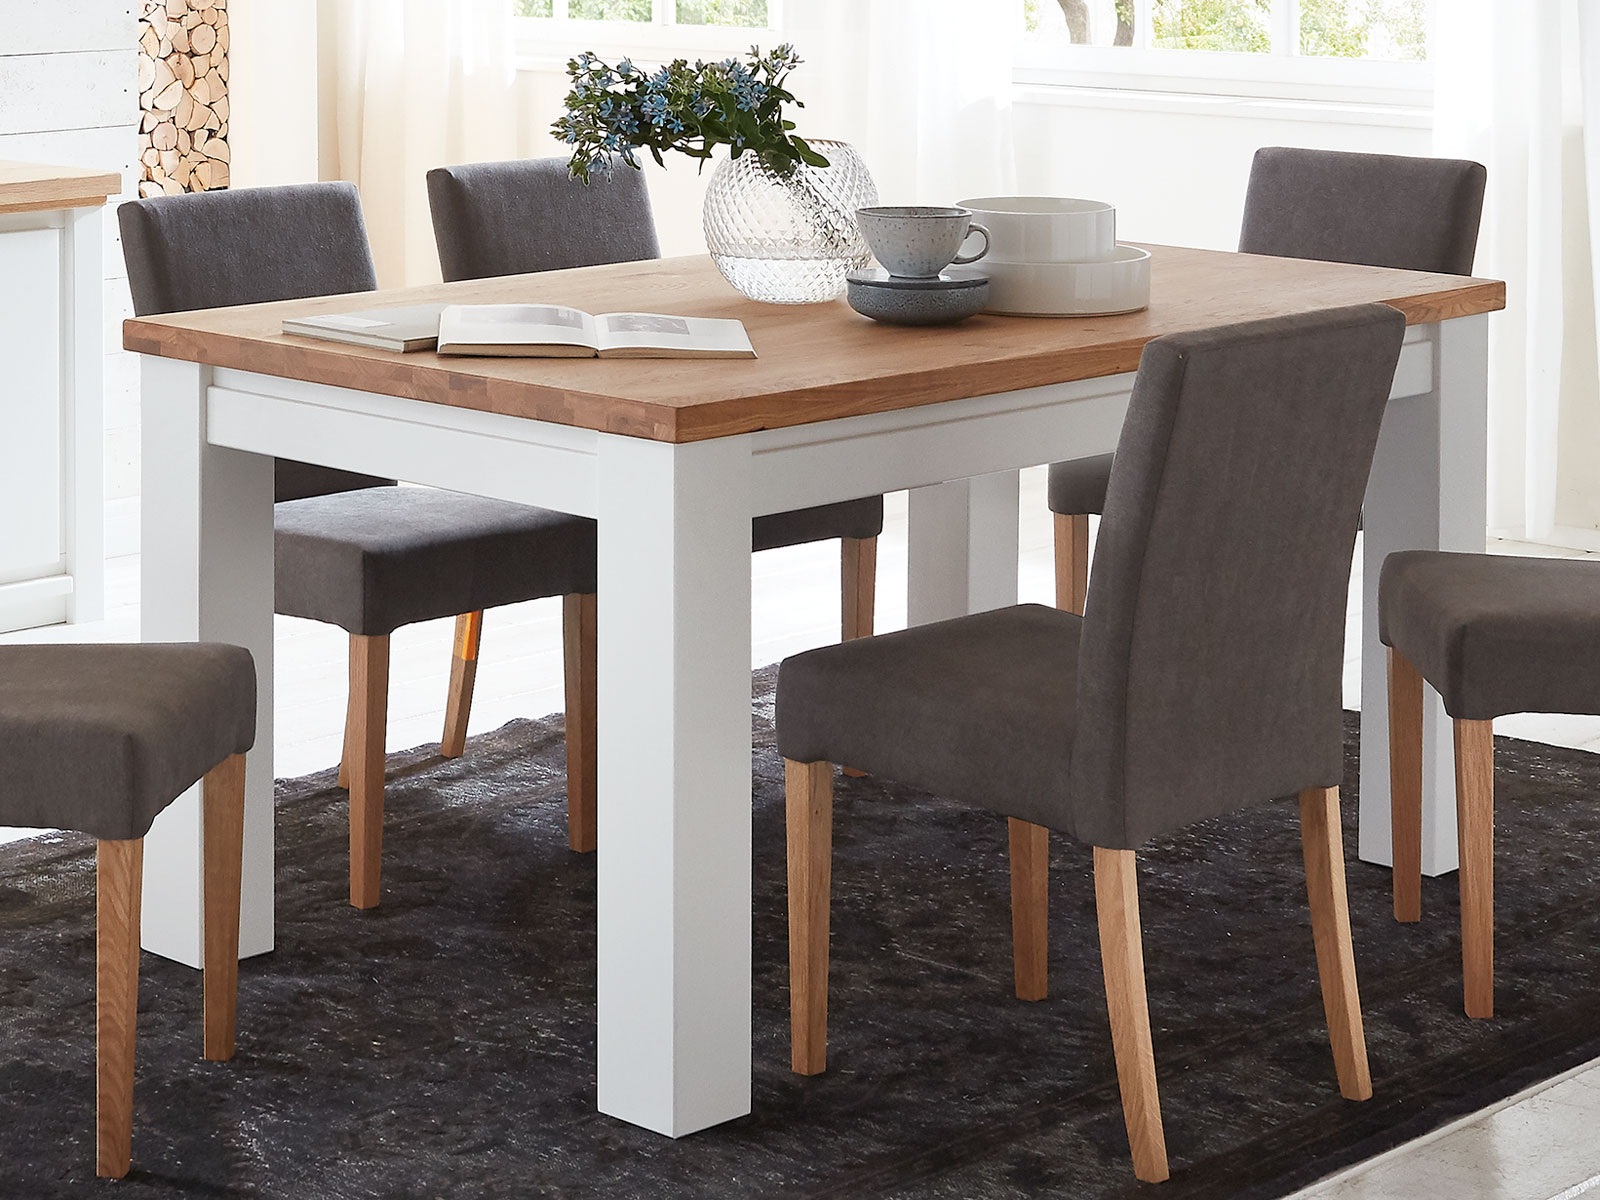 Esstisch Kuchen Tisch Olbia 140 160 180 200 X 95 Cm Pinie Nordica Weiss Und Wildeiche Natur Geolt Casamia Wohnen